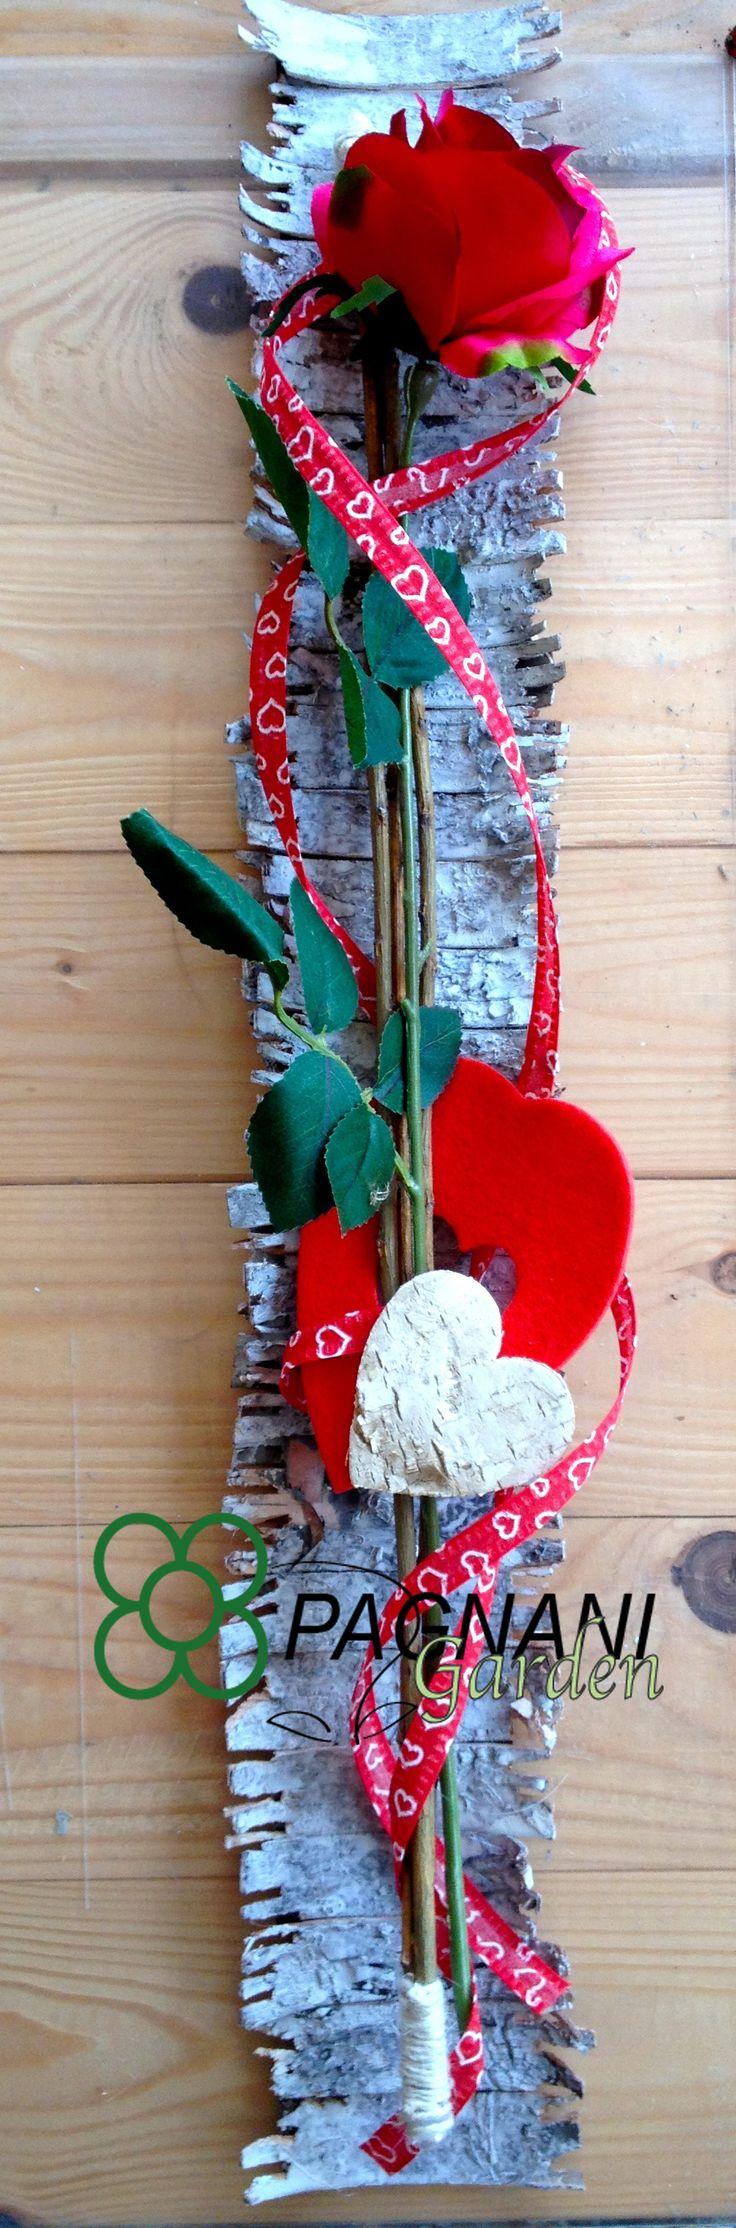 Rosa singola ideale per San Valentino impreziosita da una base di betulla.